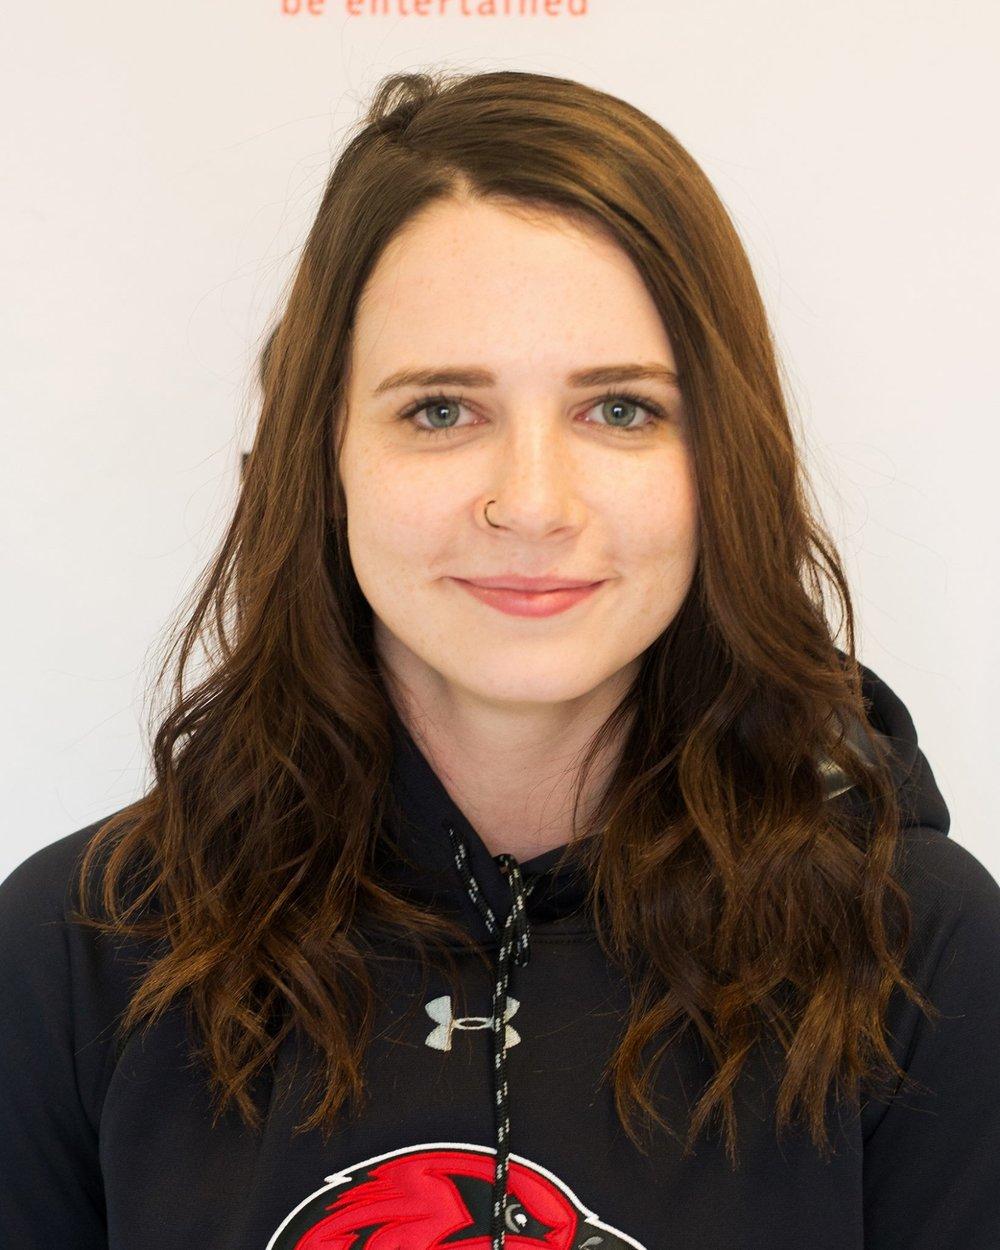 Kaitlyn Poirier - Women's Curling